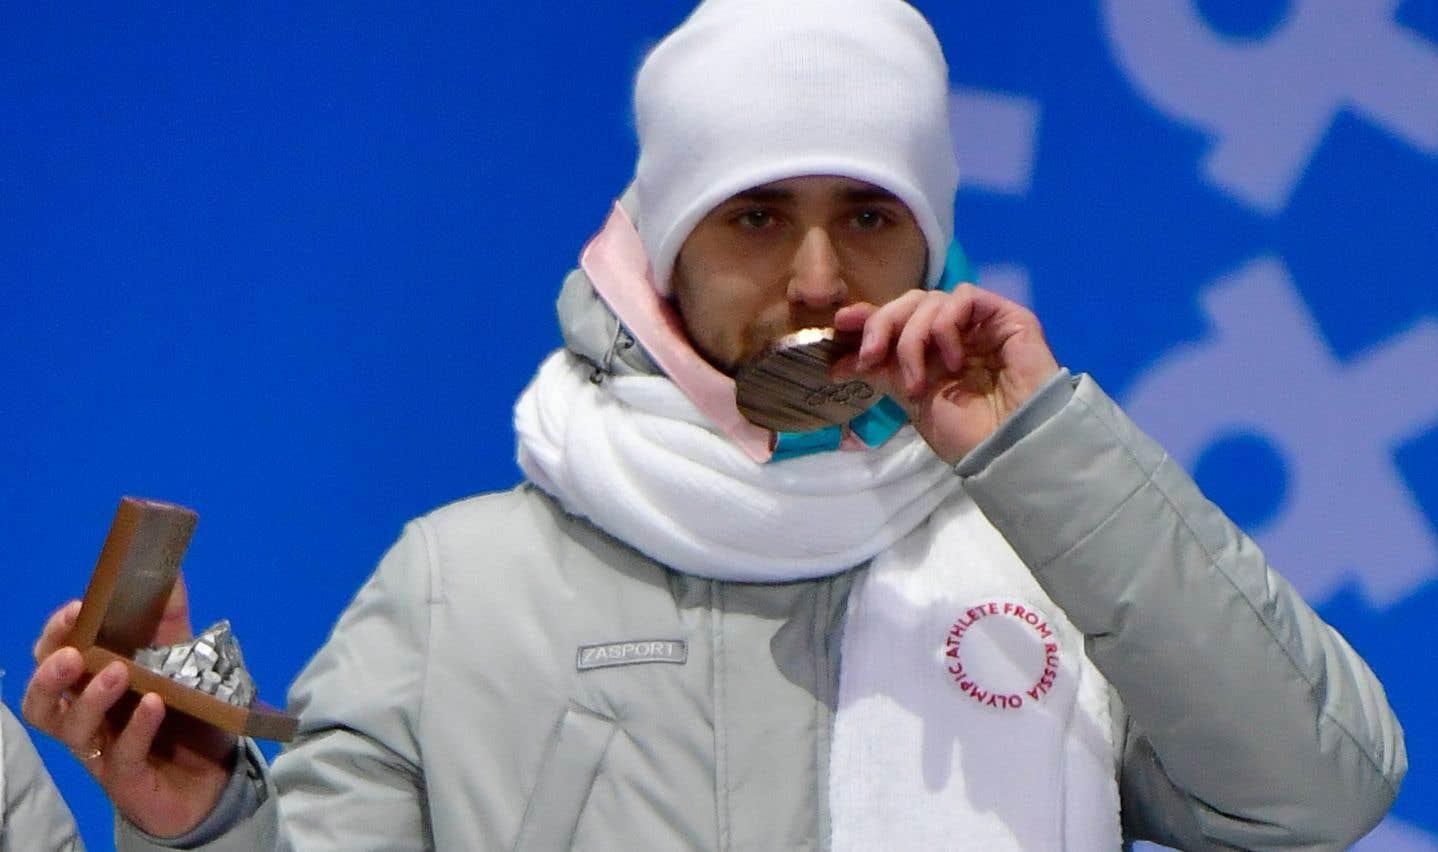 Pour la Russie, l'enjeu est de comprendre «quand et comment» du meldonium a pu se retrouver dans l'organisme de son athlète, médaillé de bronze du curling mixte.